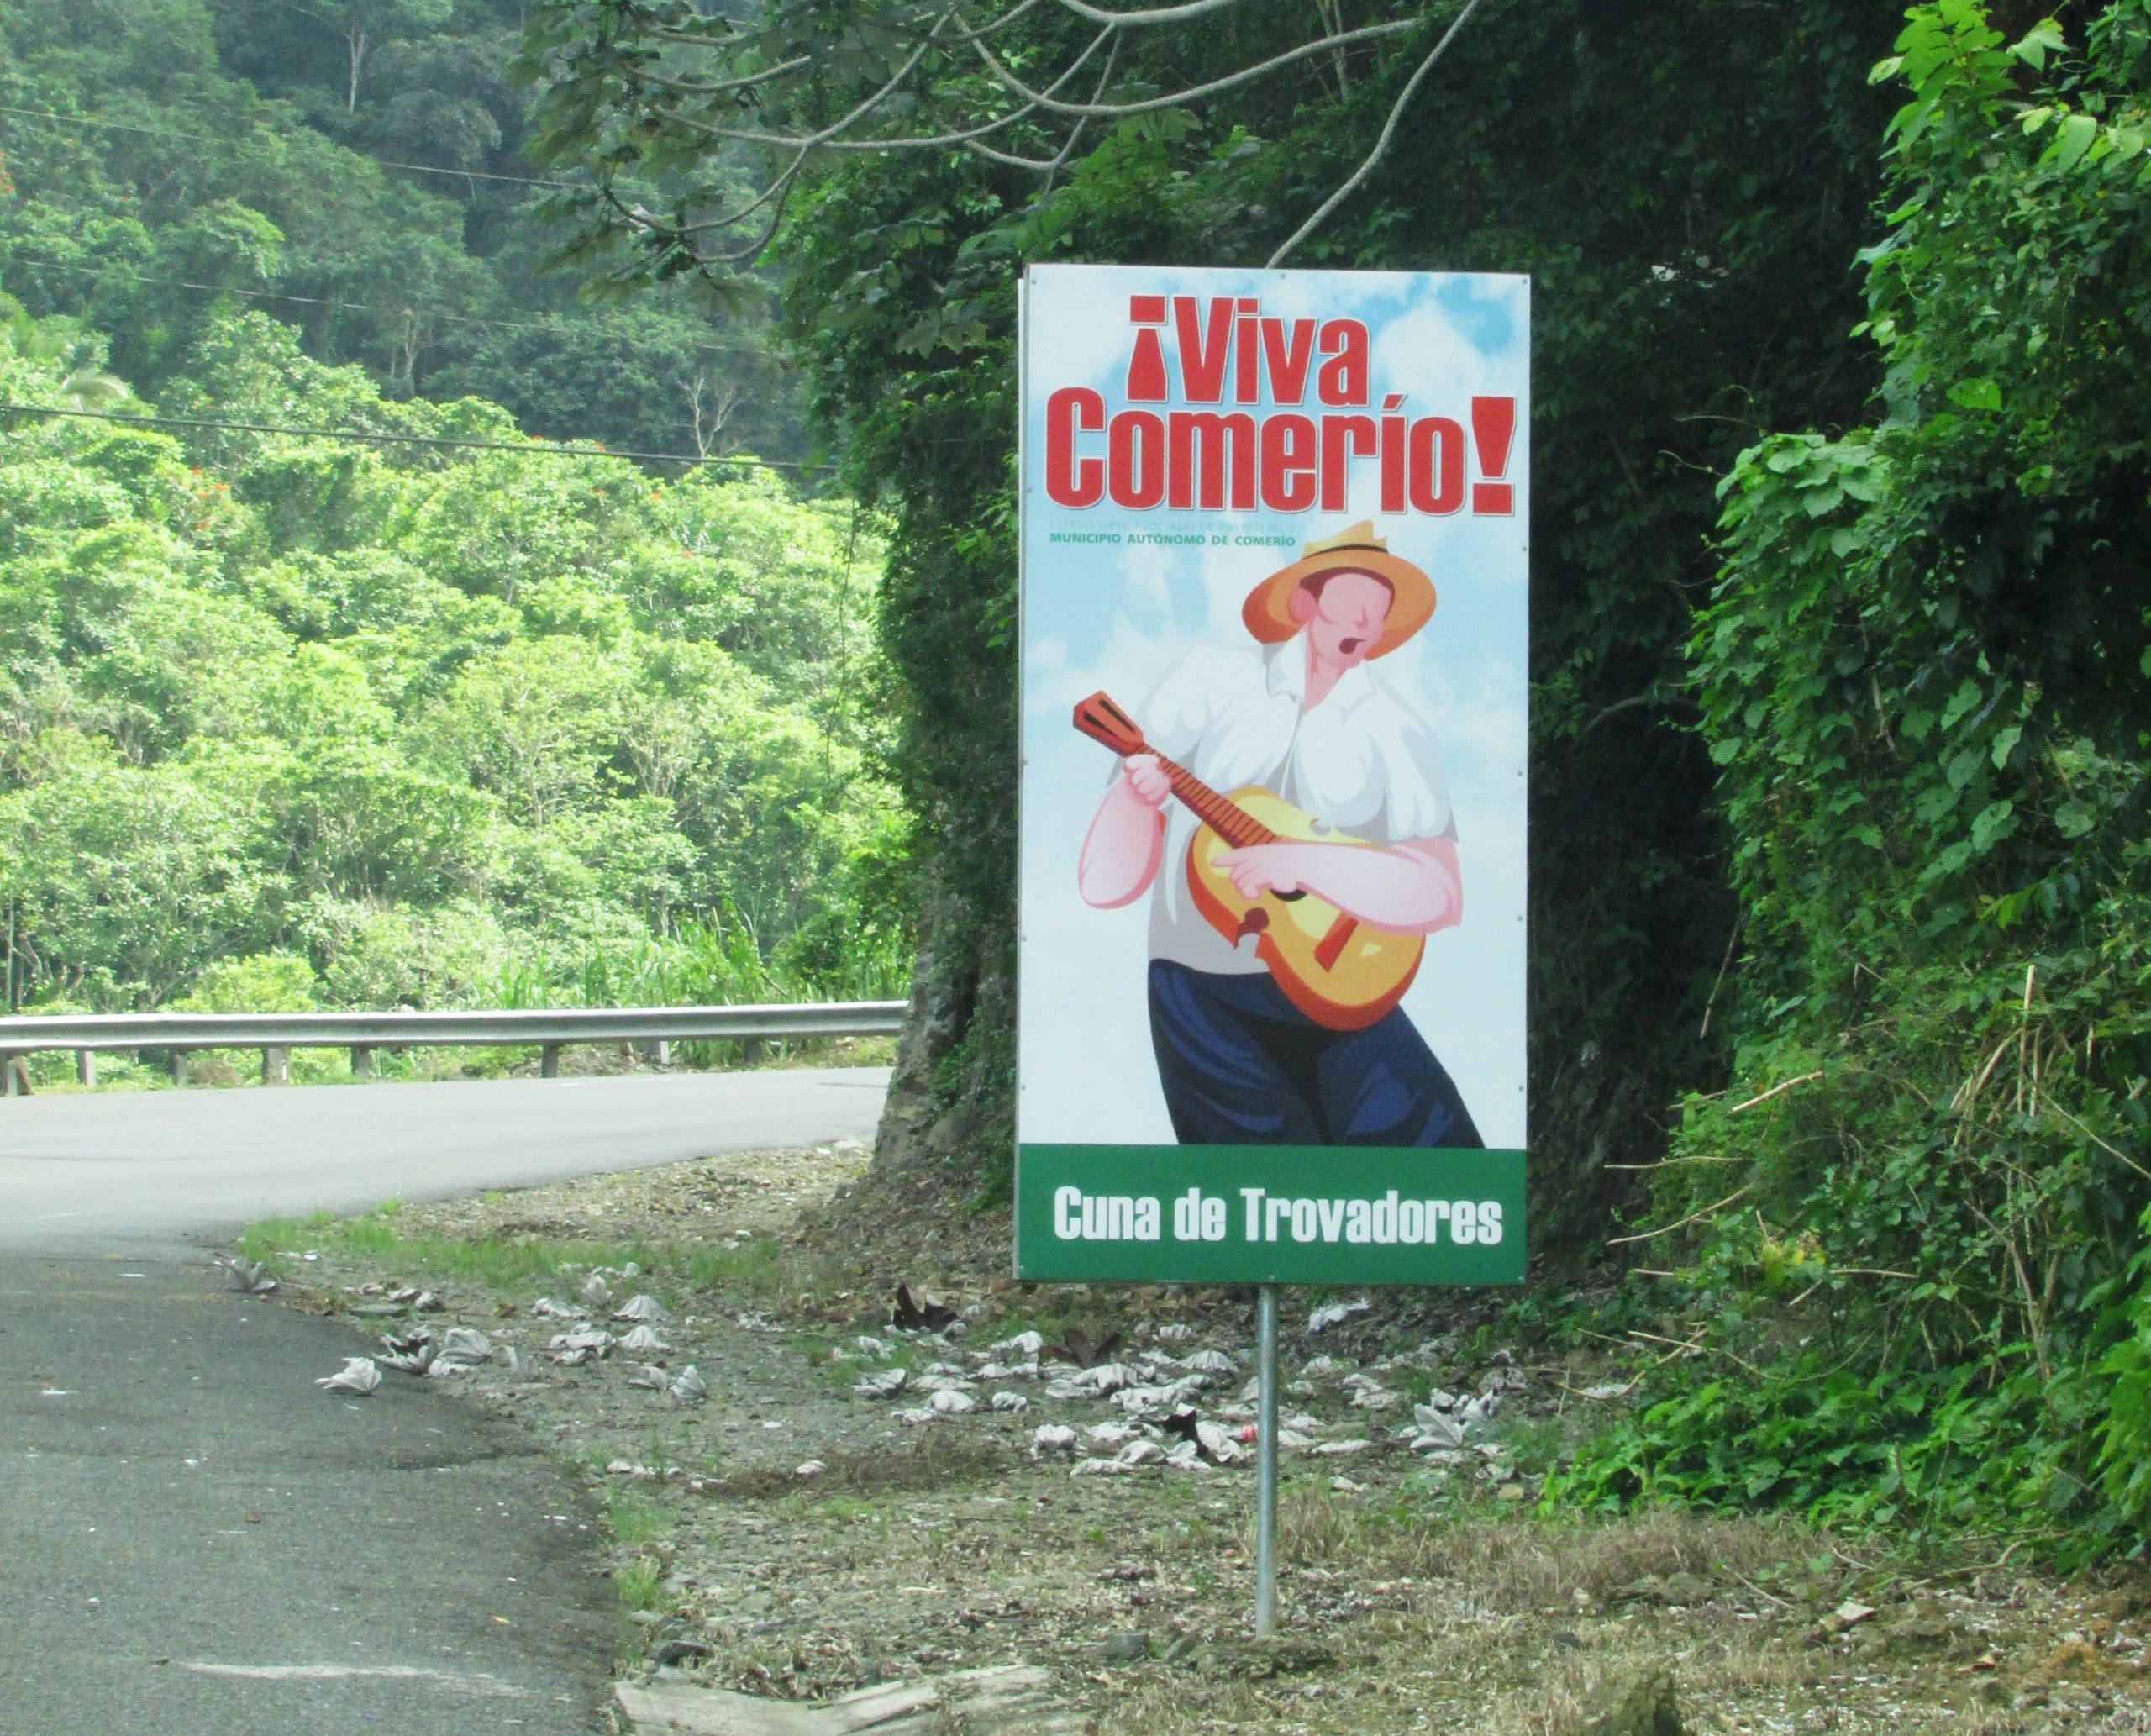 Rótulos alusivos a la festividad daban la bienvenida a Comerío. (Foto Javier Santiago / Fundación Nacional para la Cultura Popular)